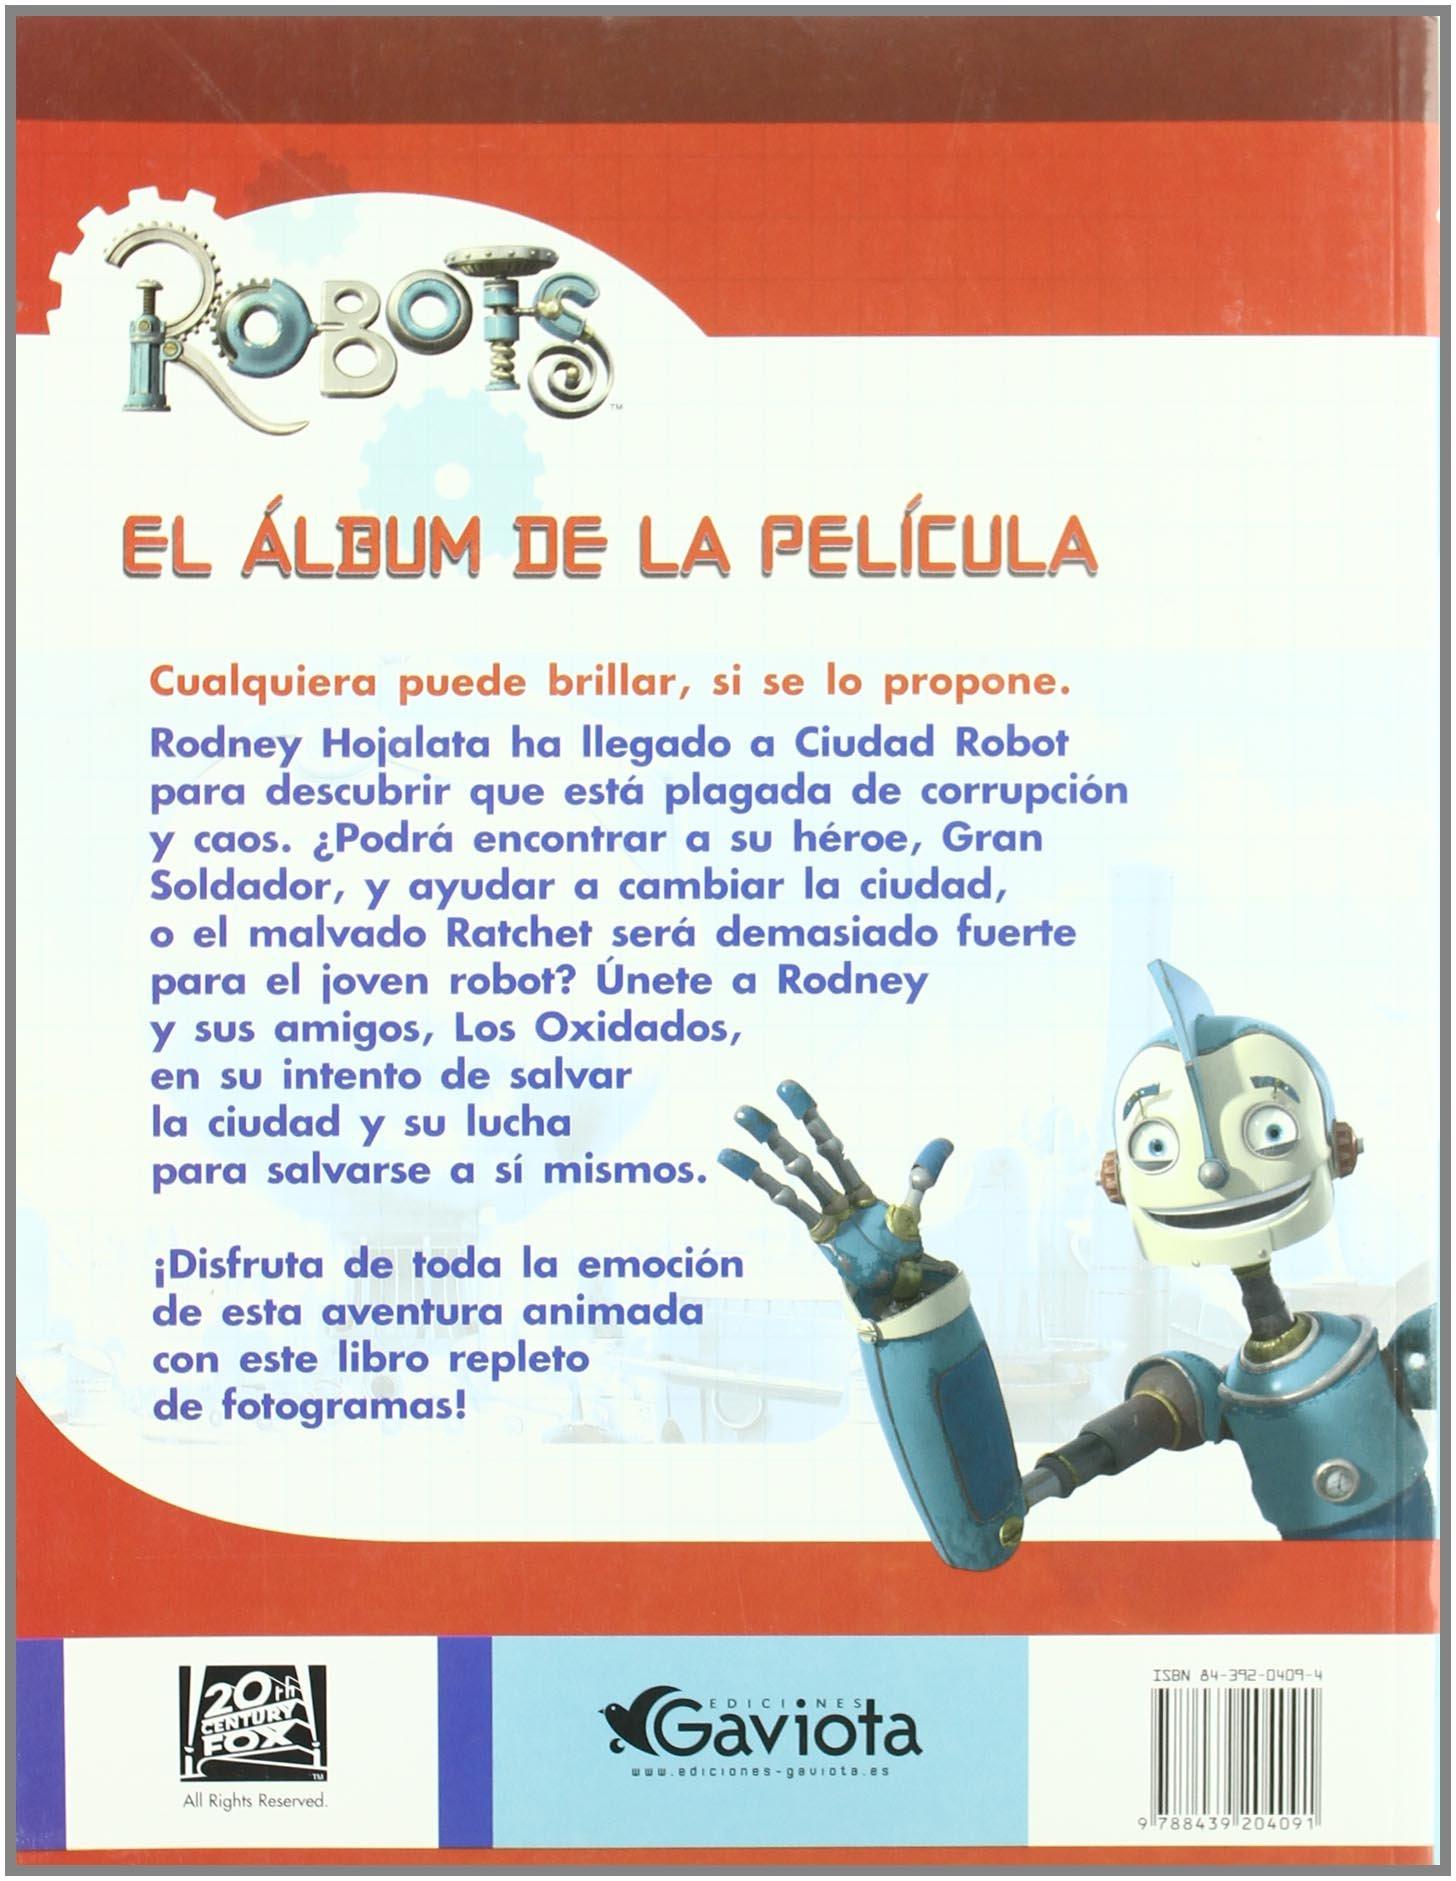 El álbum de la película: S.L. Ediciones Gaviota: 9788439204091: Amazon.com: Books